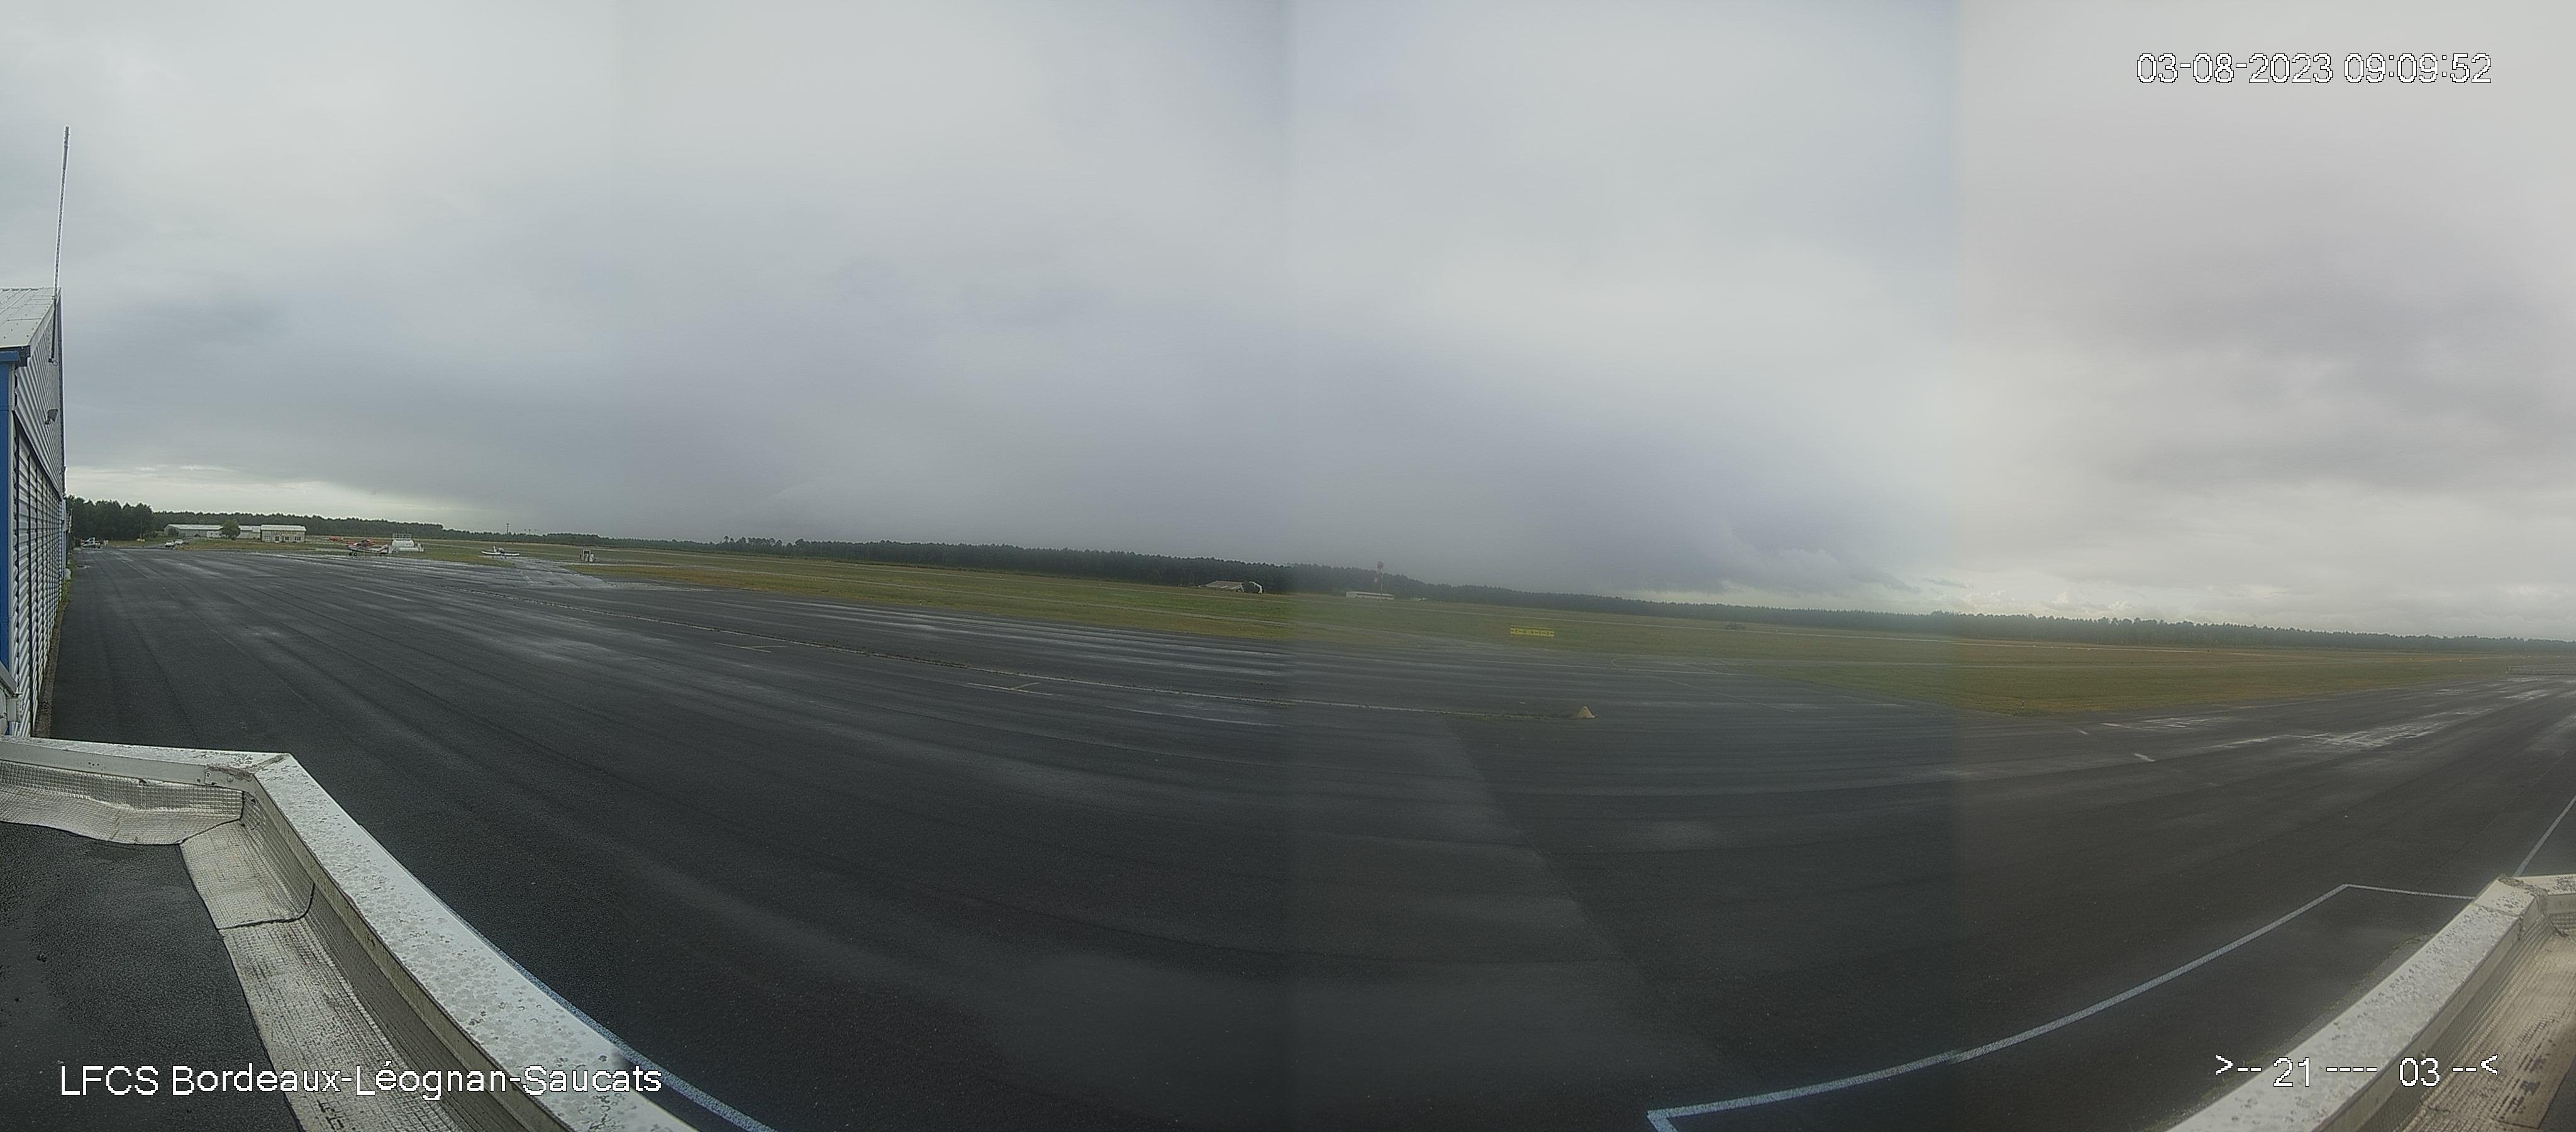 Aérodrome de Bordeaux Léognan Saucats